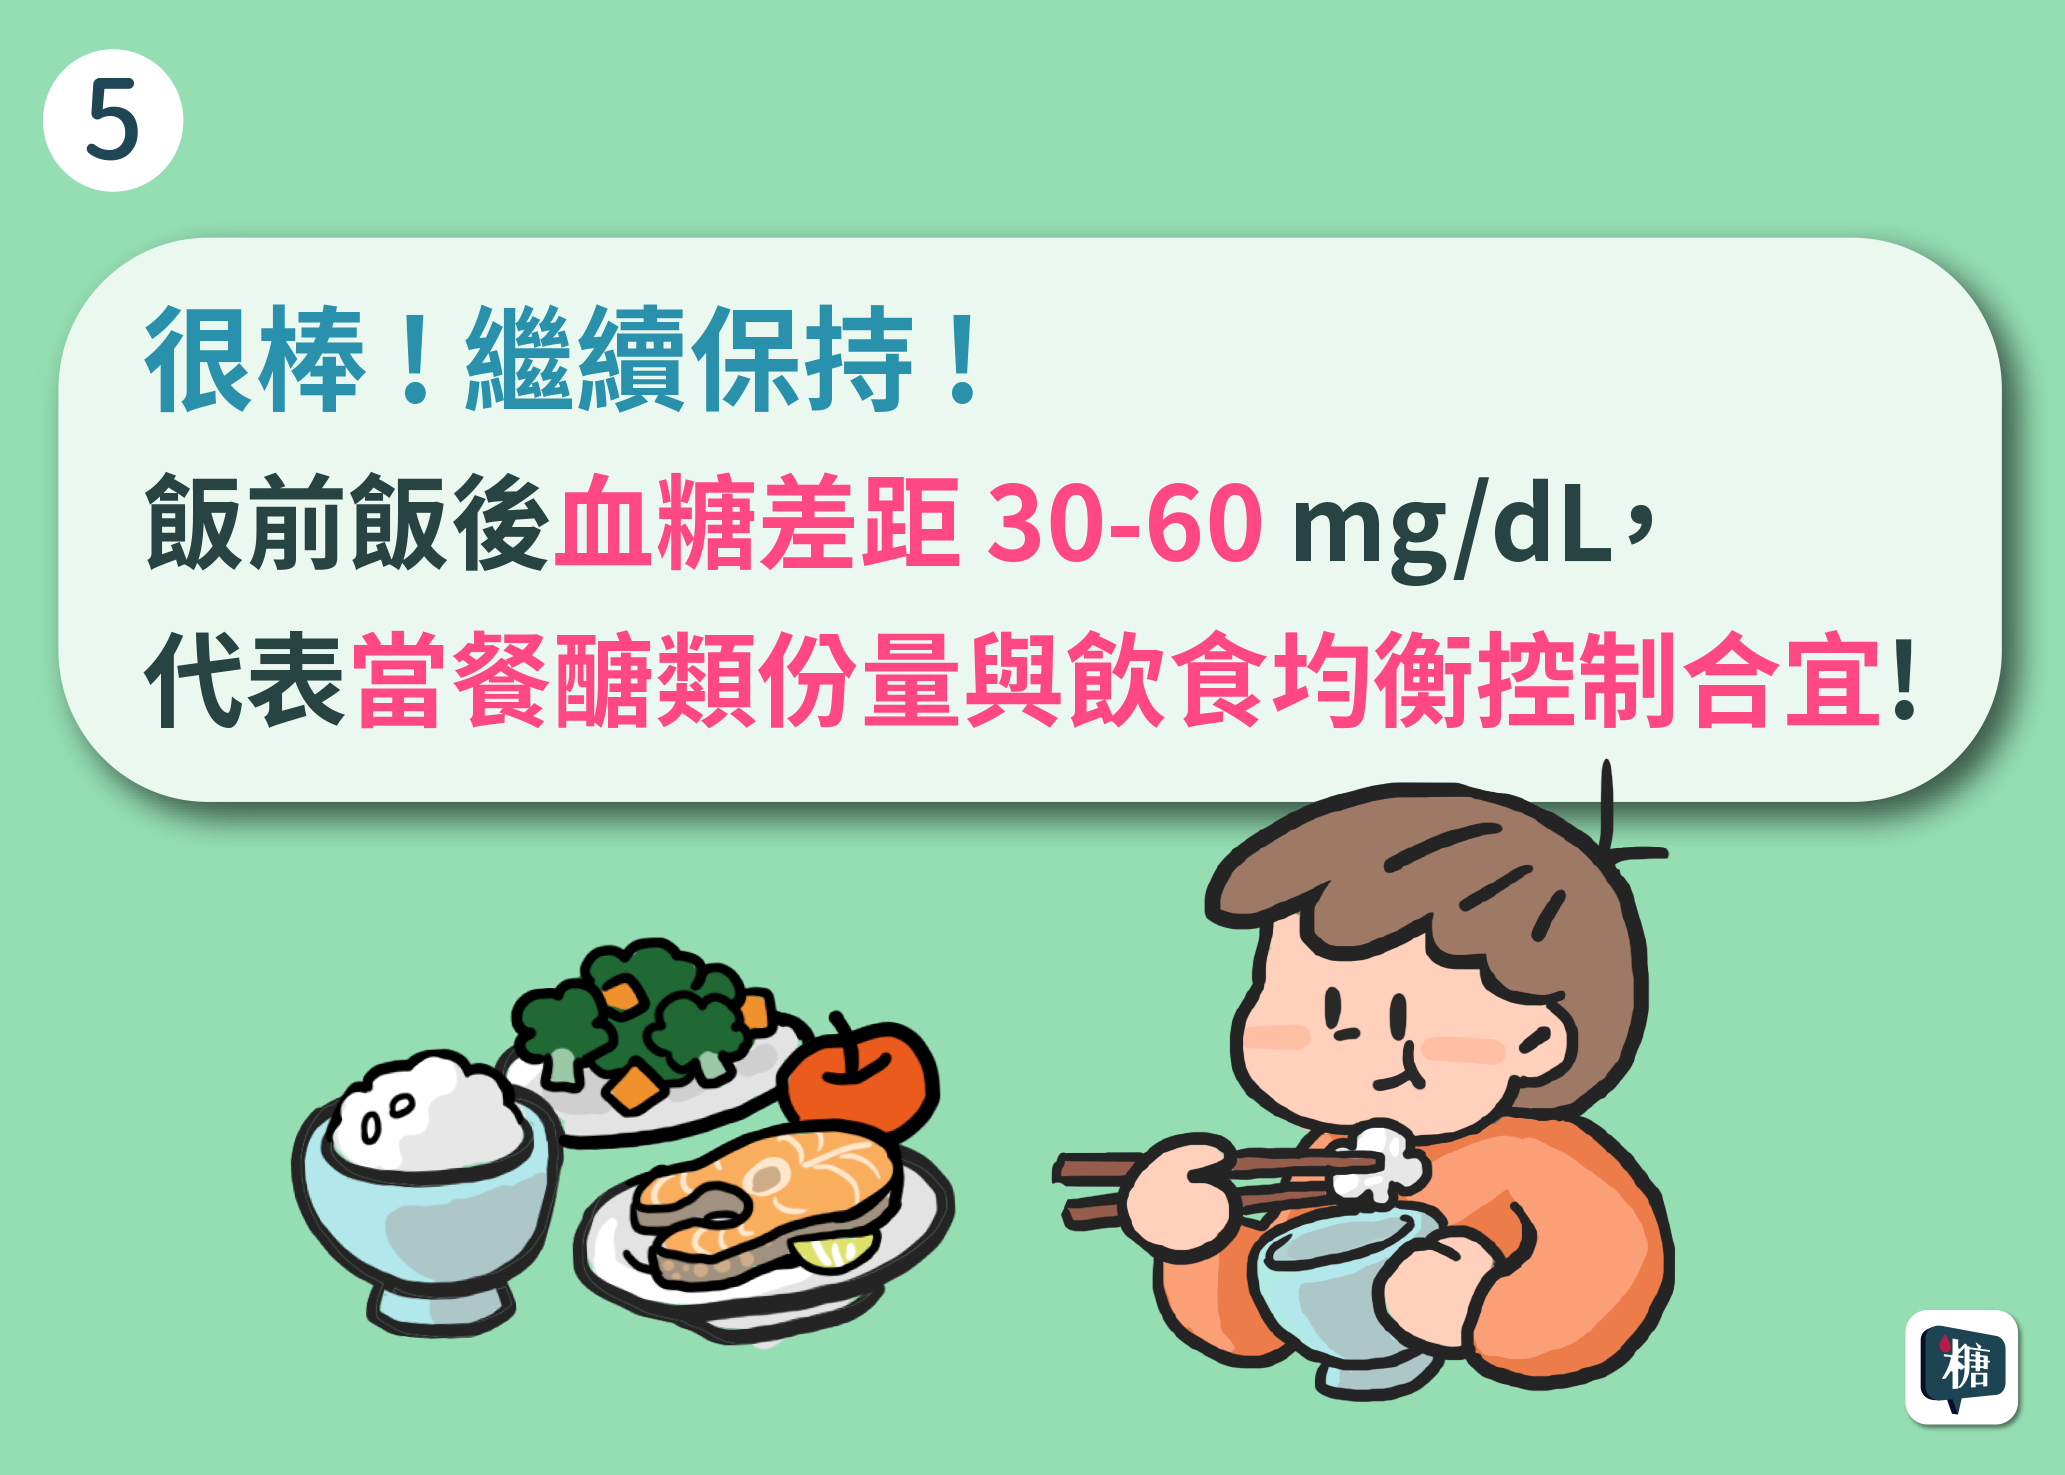 血糖數值怎麼看?什麼是配對血糖?血糖差距在30-60mg/dL